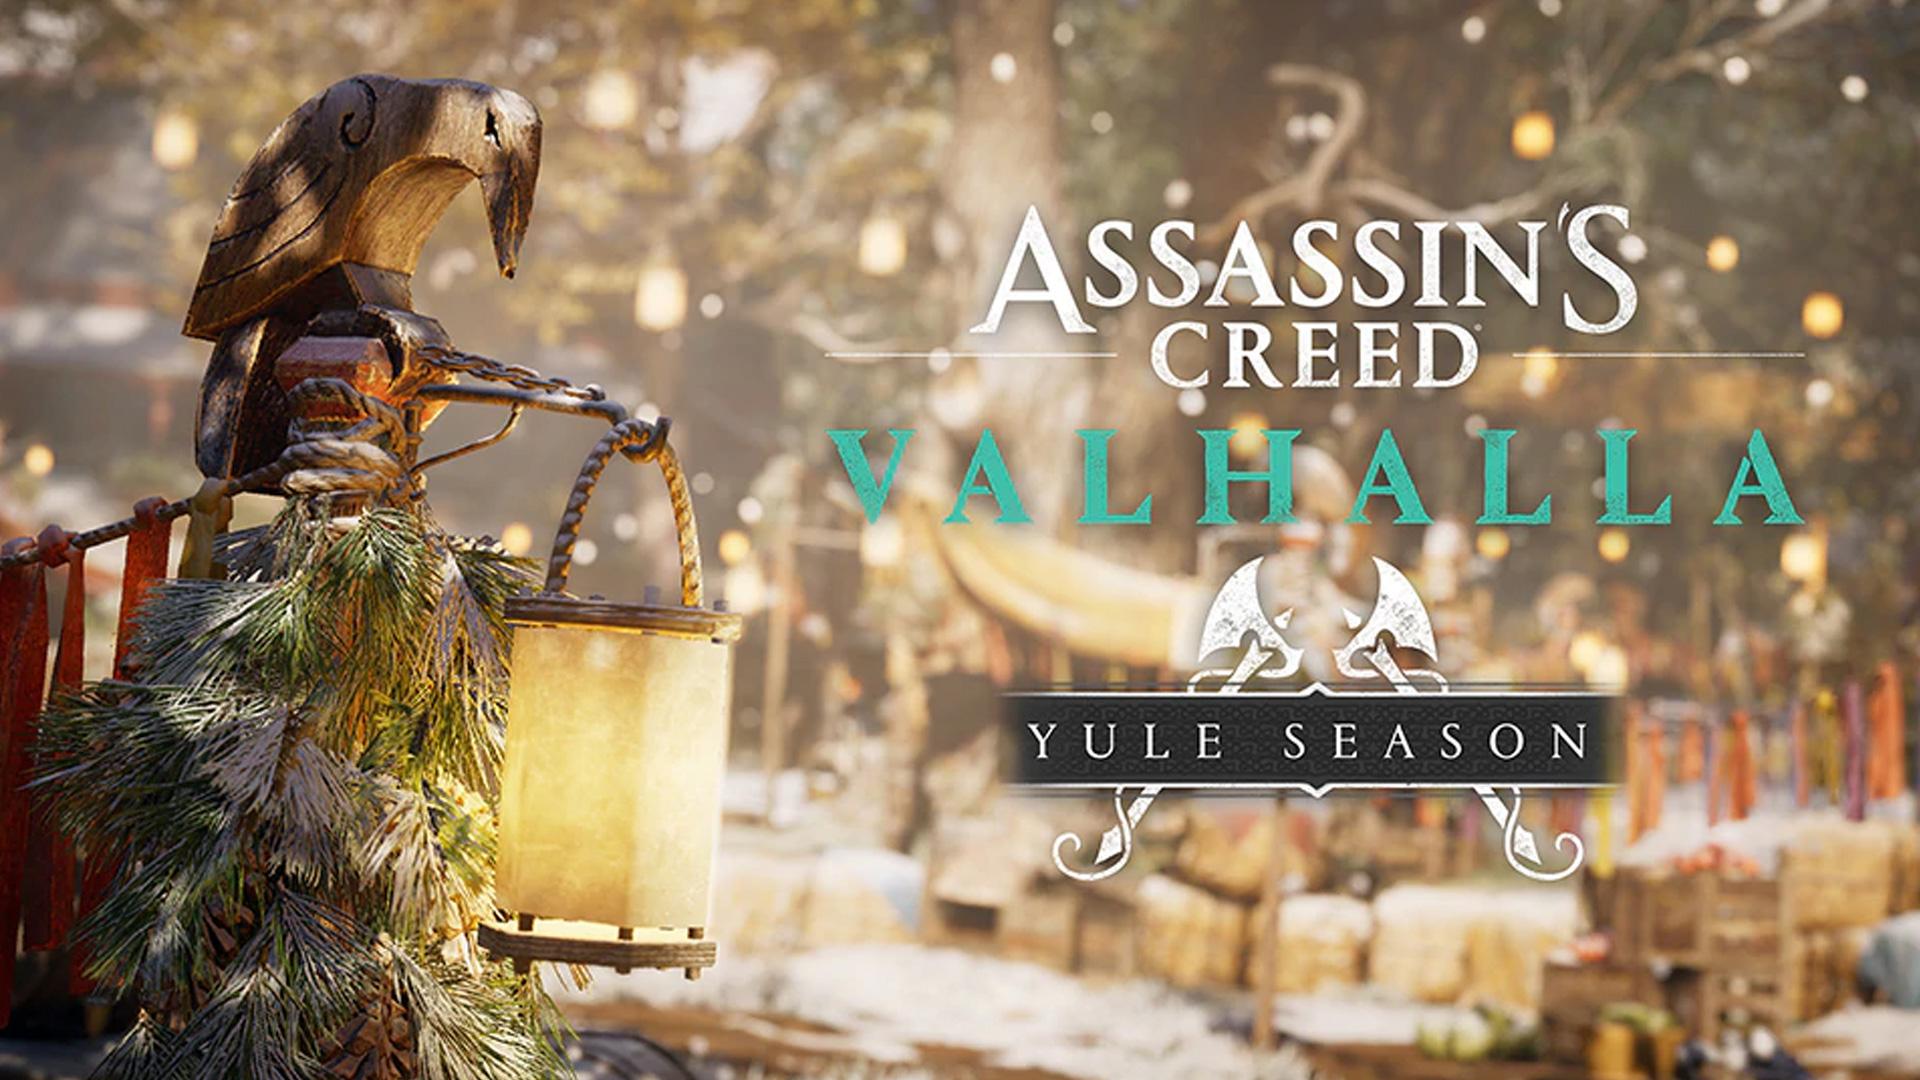 Comment démarrer le festival de Yule dans Assassin's Creed Valhalla